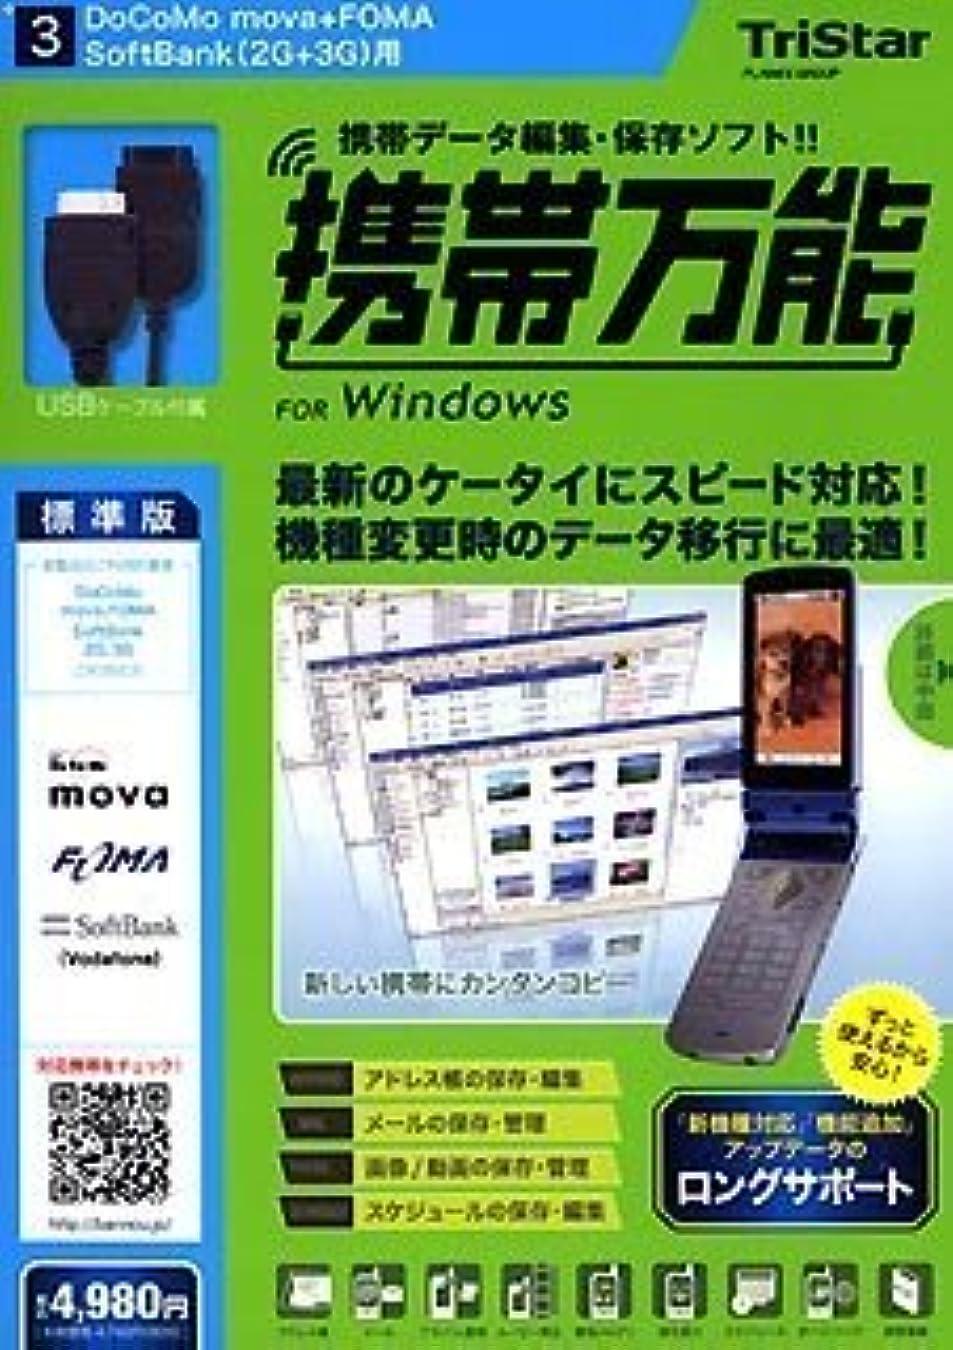 面積縁石ミンチ携帯万能 for Windows DoCoMo mova+FOMA / SoftBank 2G+3G用